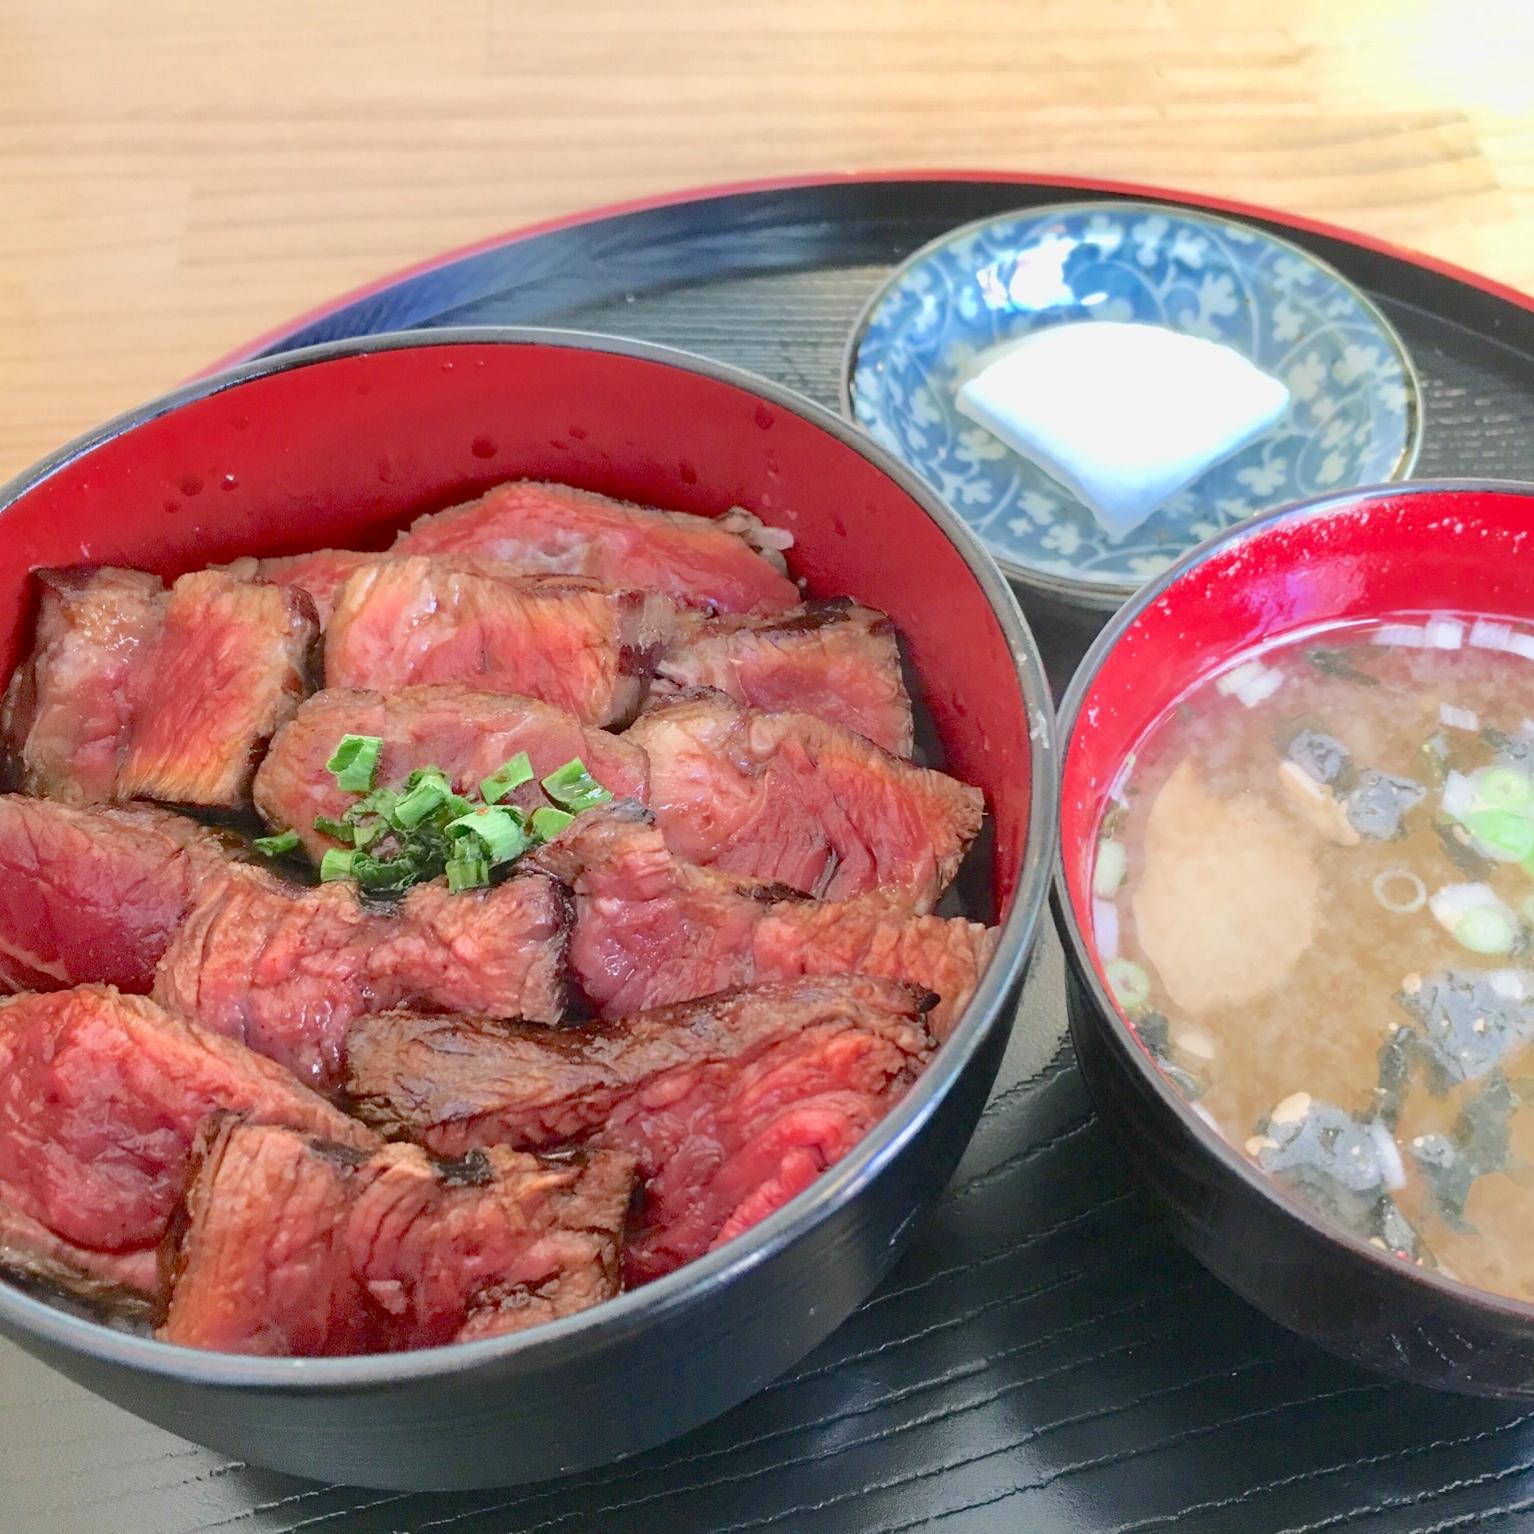 【上尾ごはん】赤城牛ステーキ丼とプチカレーを食べてみたレビュー